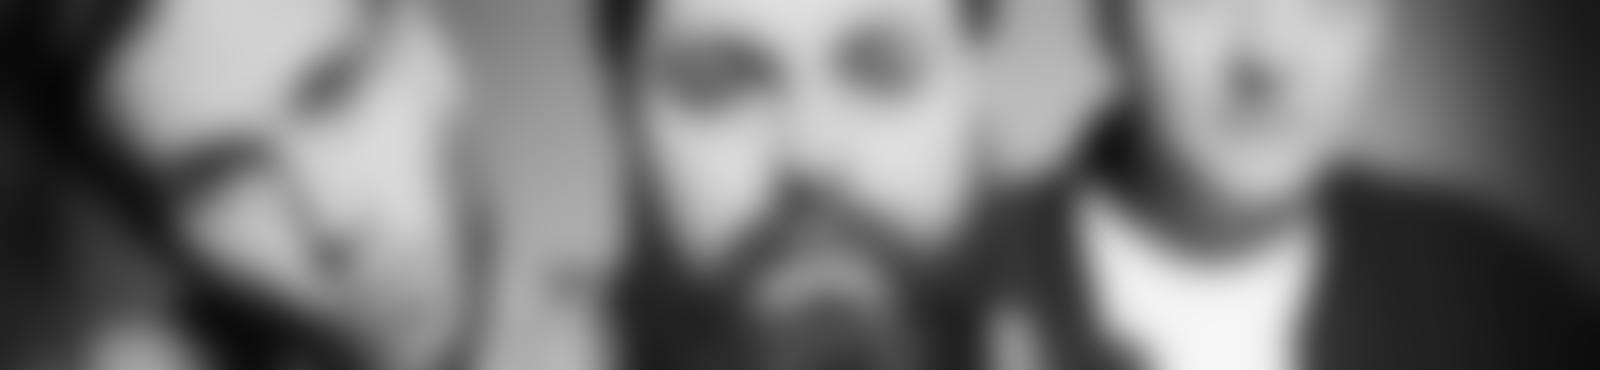 Blurred f1b34d56 7ded 4808 973c ba7d347bb0f7